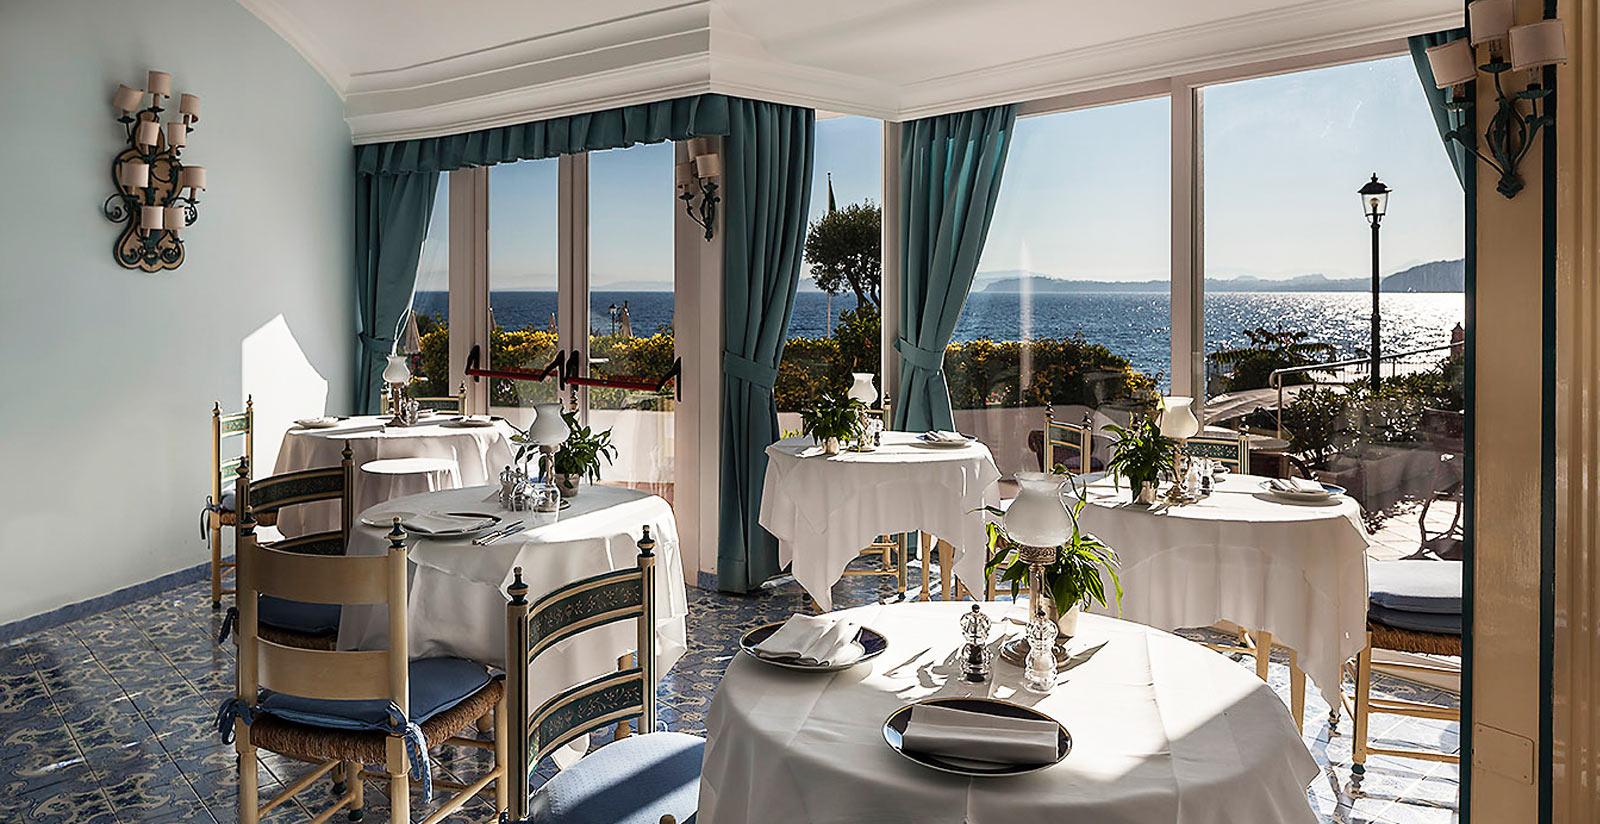 Riapre domani il Punta Molino, il Grand Hotel del jet set internazionale e della dolcevita ischitana 3